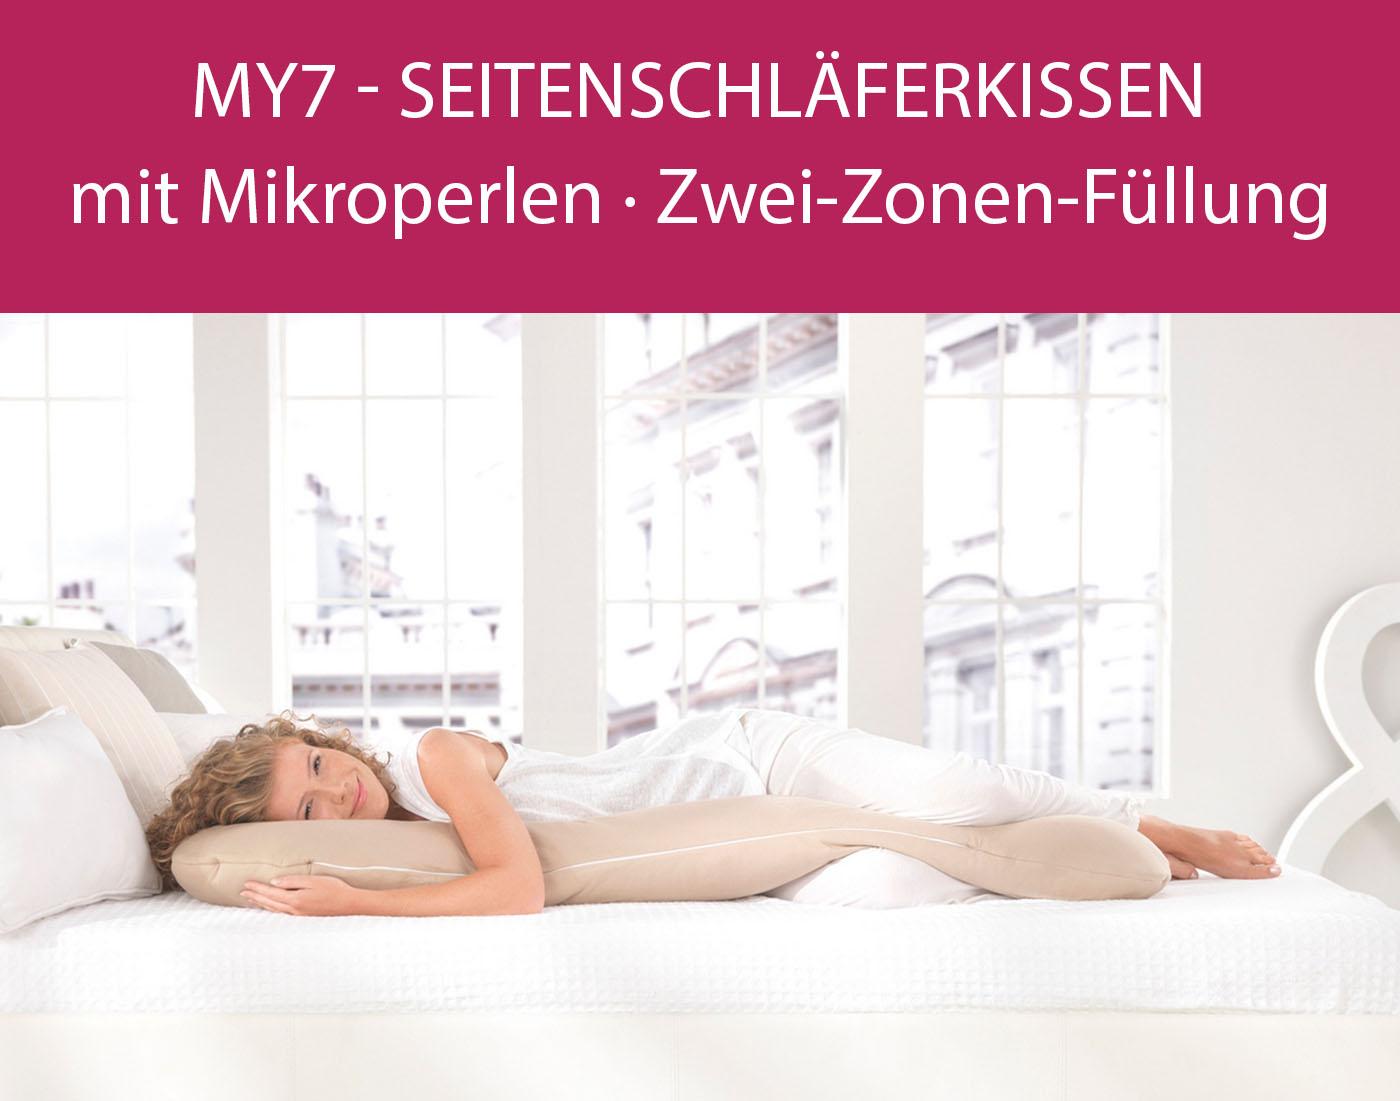 my7 - Seitenschläferkissen mit Mikroperlen Zwei-Zonen-Füllung